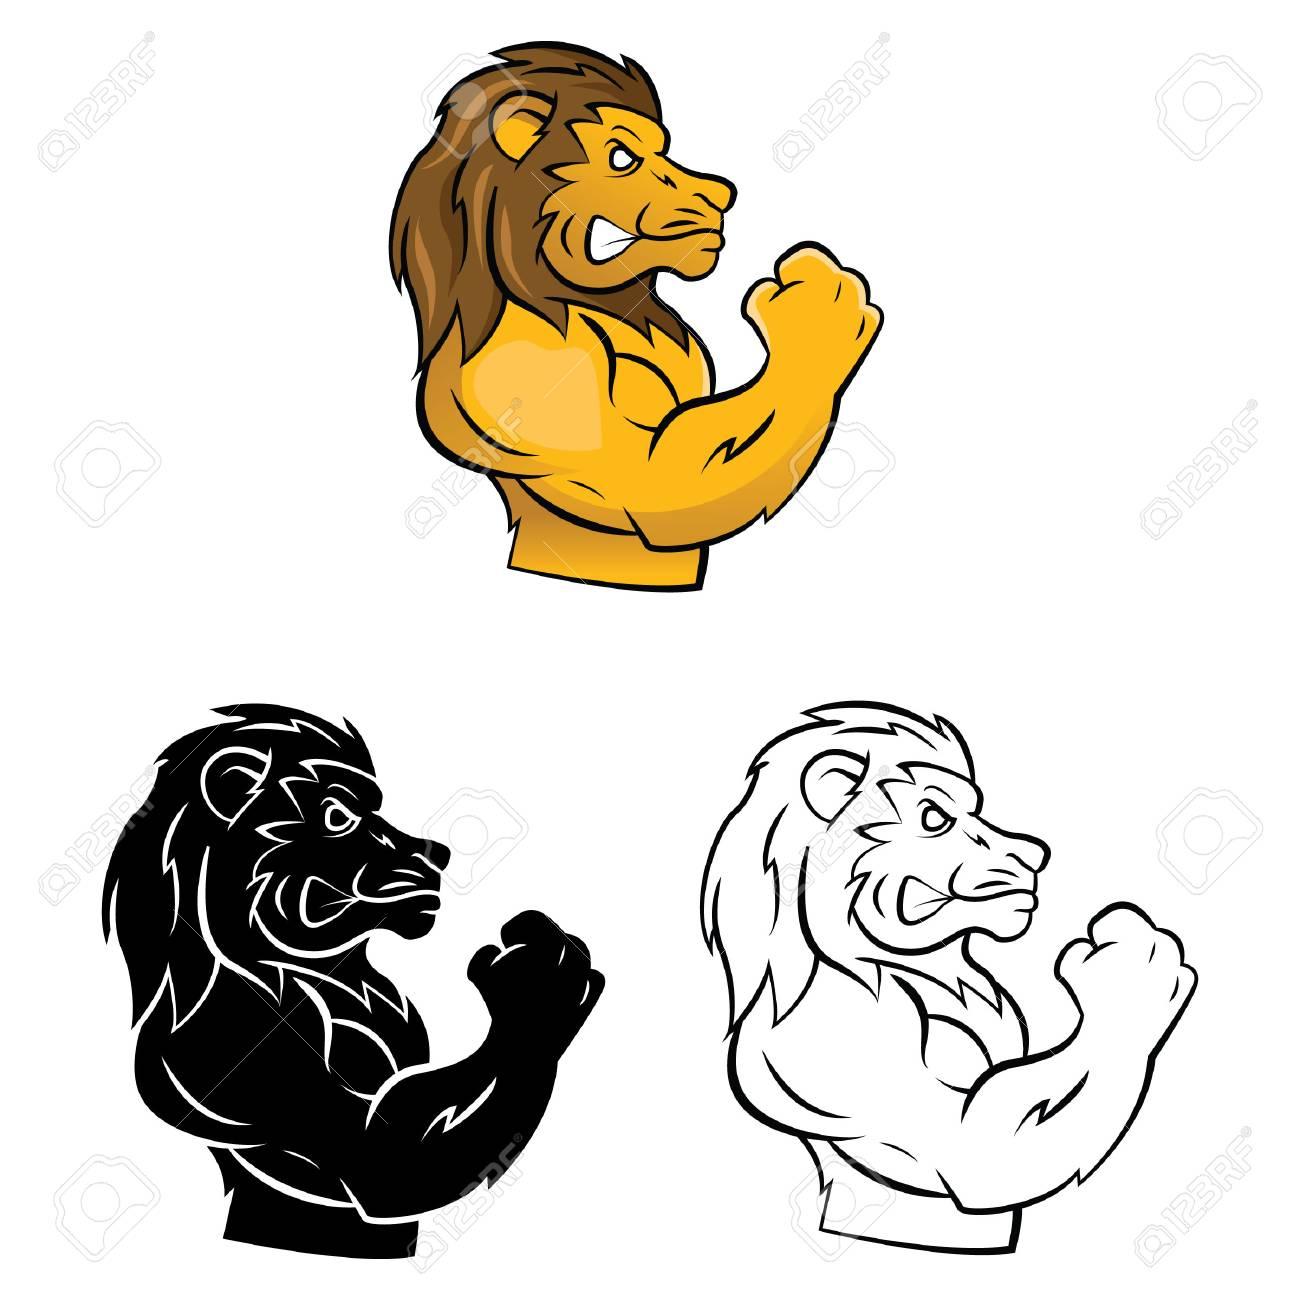 Libro Para Colorear Dibujos Animados Mascota De León - Ilustración ...